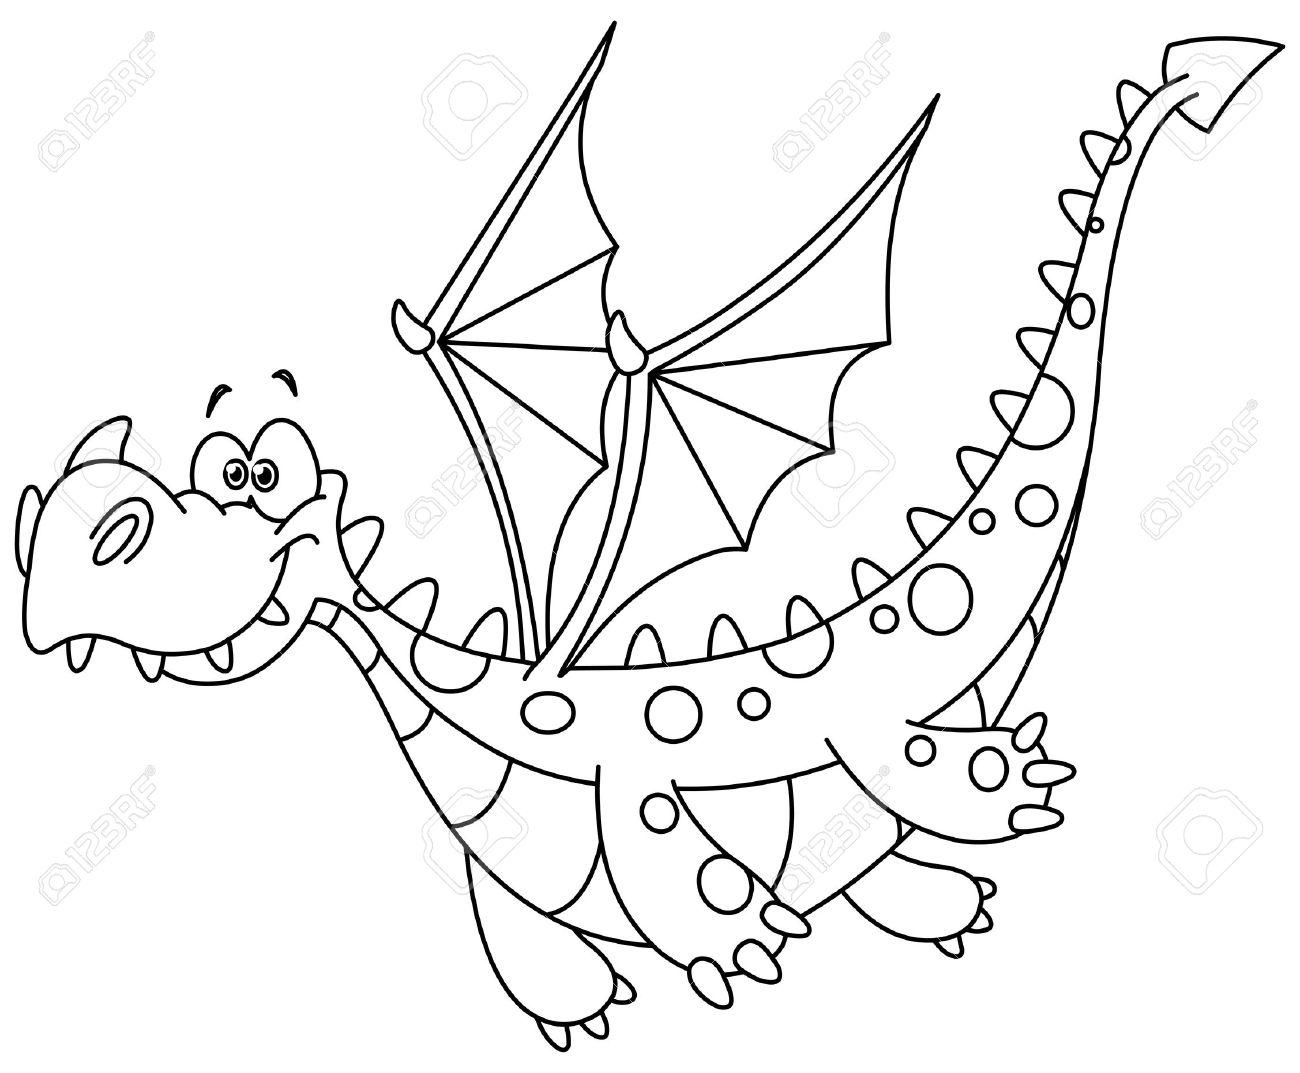 Hermosa Colorear Dragones Lindos Fotos - Dibujos Para Colorear En ...